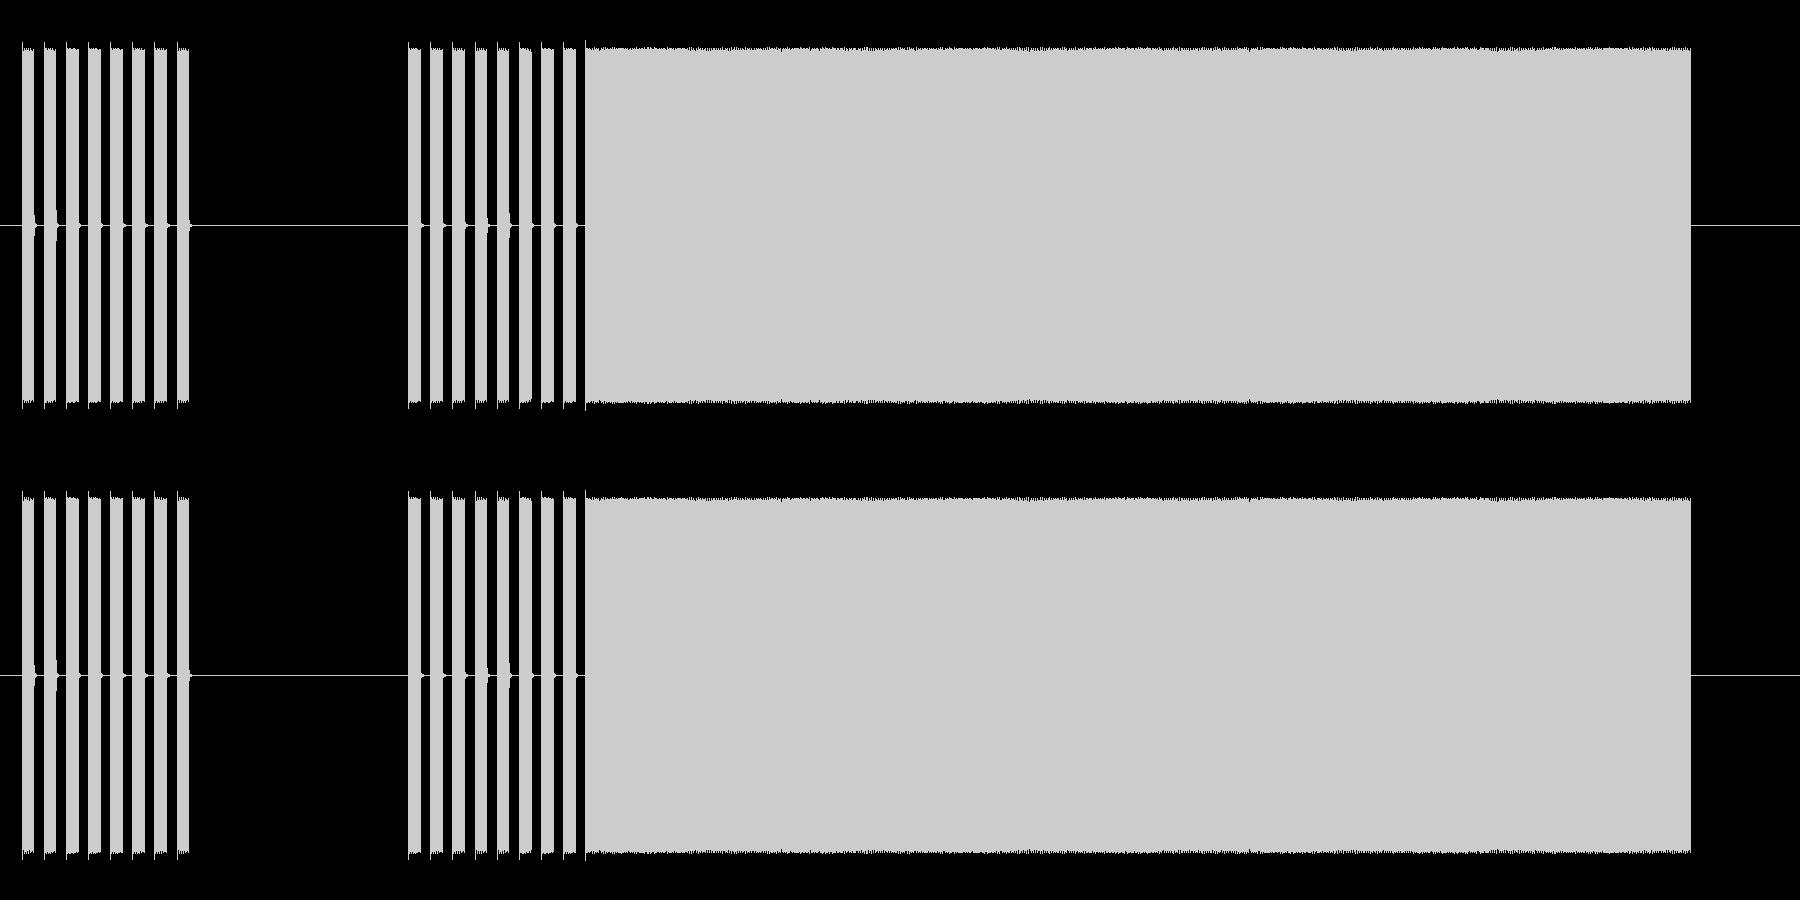 戦闘機 ロックオン 警告音 タイプBの未再生の波形